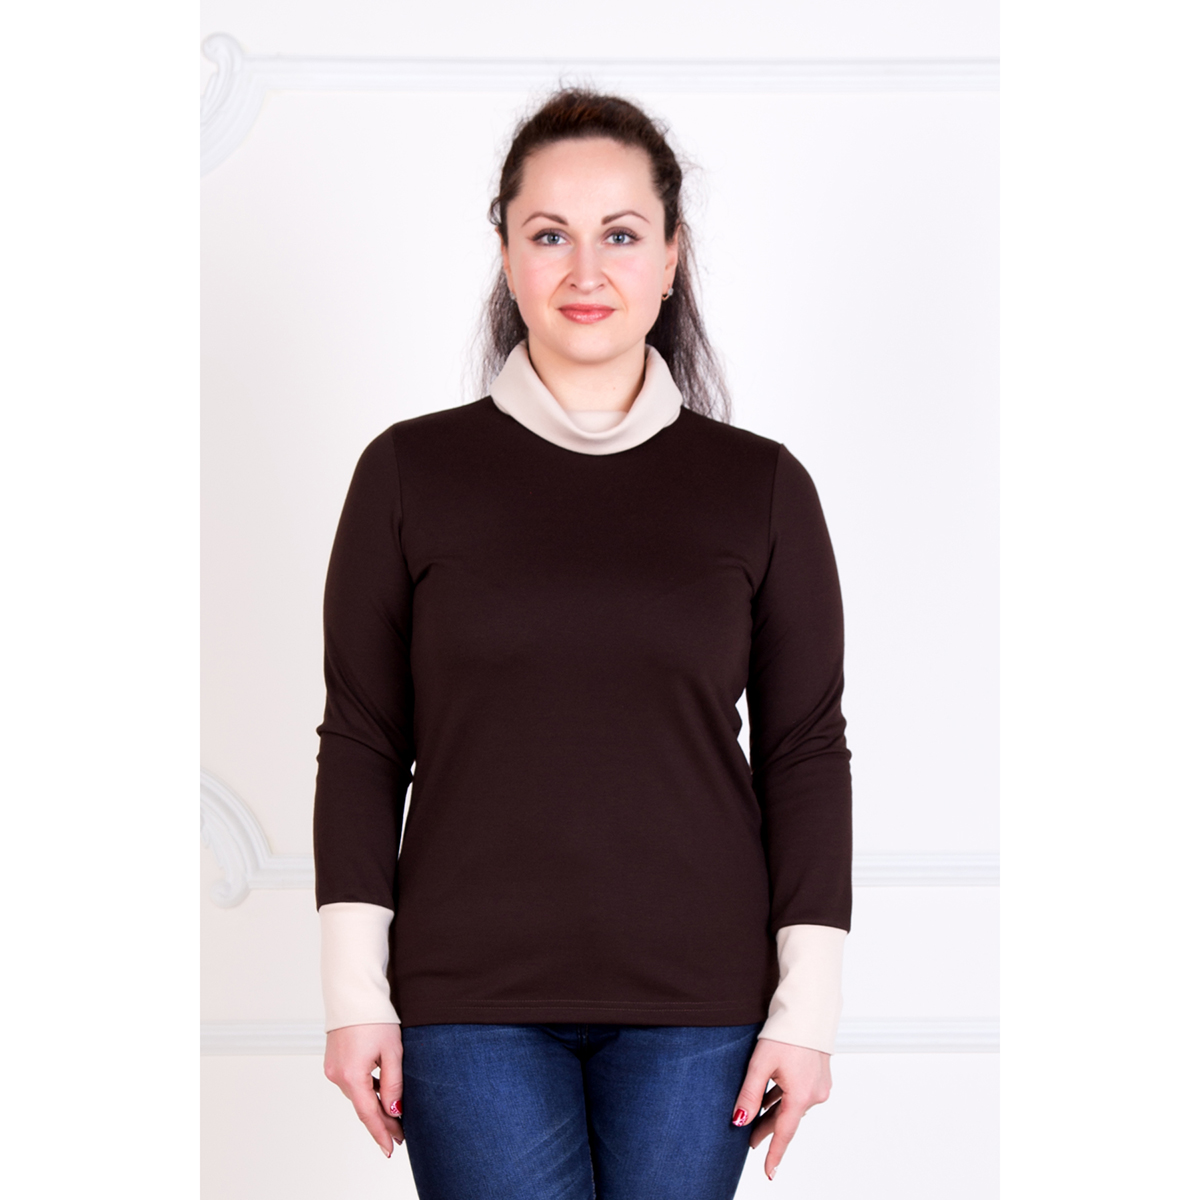 Женская блуза Стайл Темно-коричневый, размер 50Блузы<br>Обхват груди:100 см<br>Обхват талии:82 см<br>Обхват бедер:108 см<br>Рост:167 см<br><br>Тип: Жен. блуза<br>Размер: 50<br>Материал: Милано